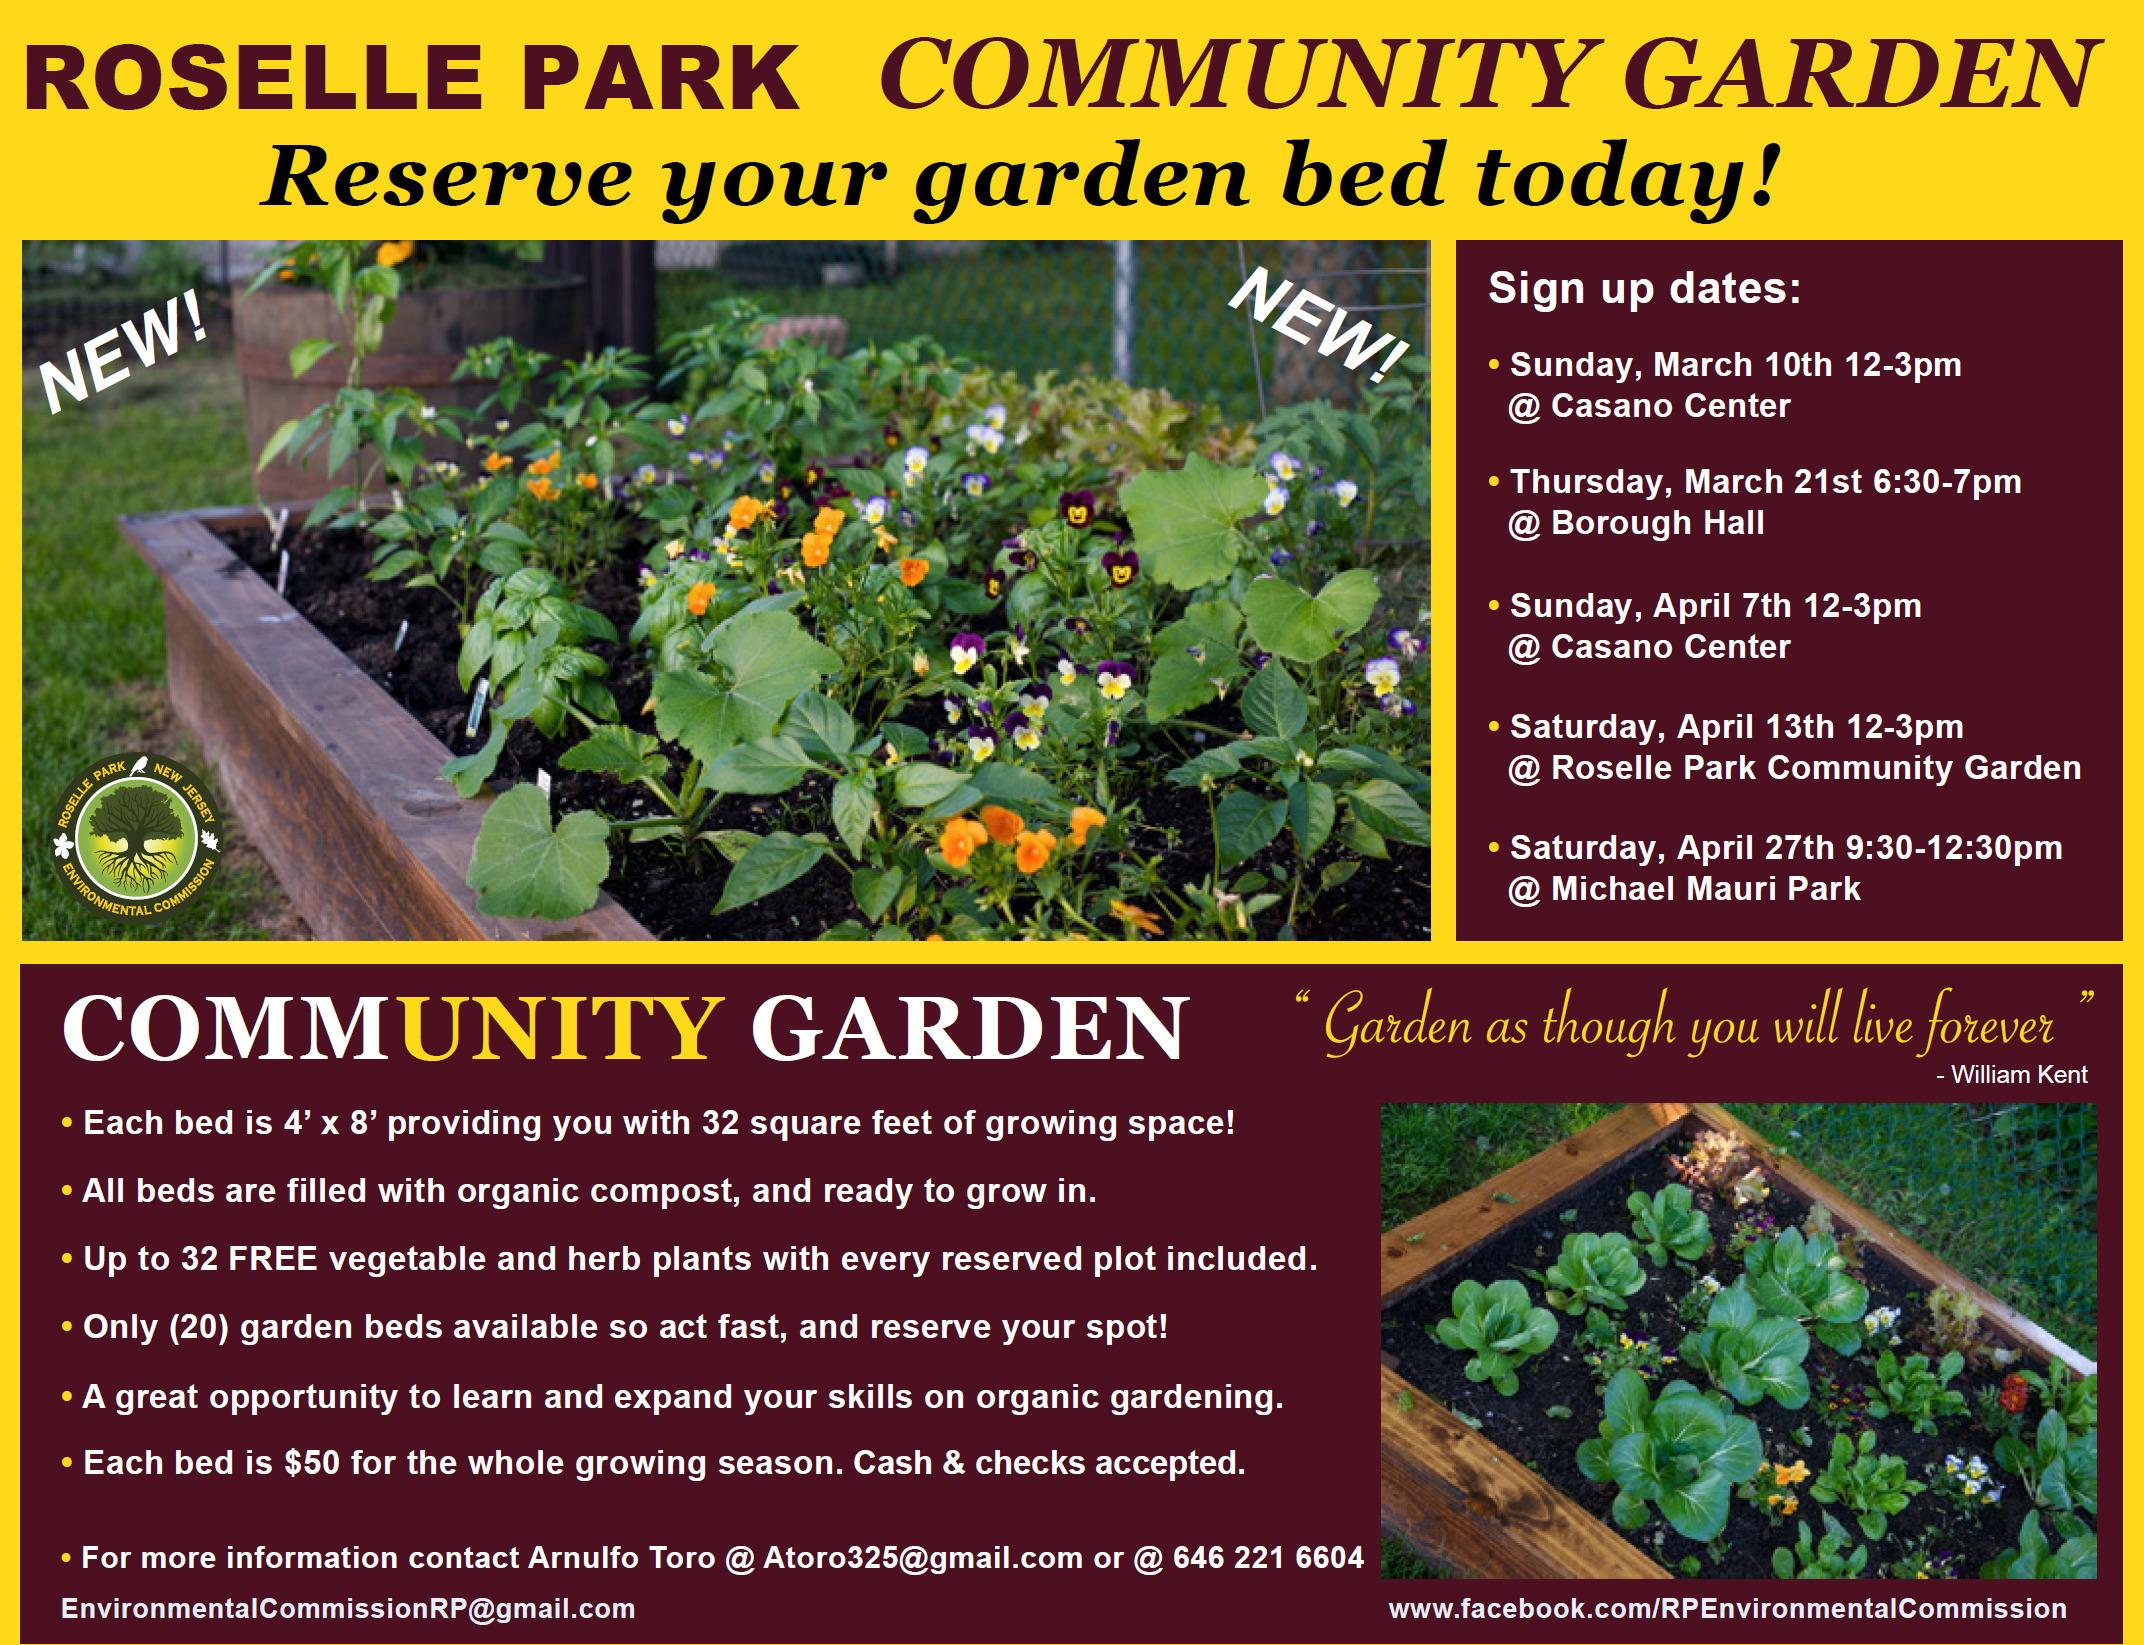 Roselle Park Community Garden